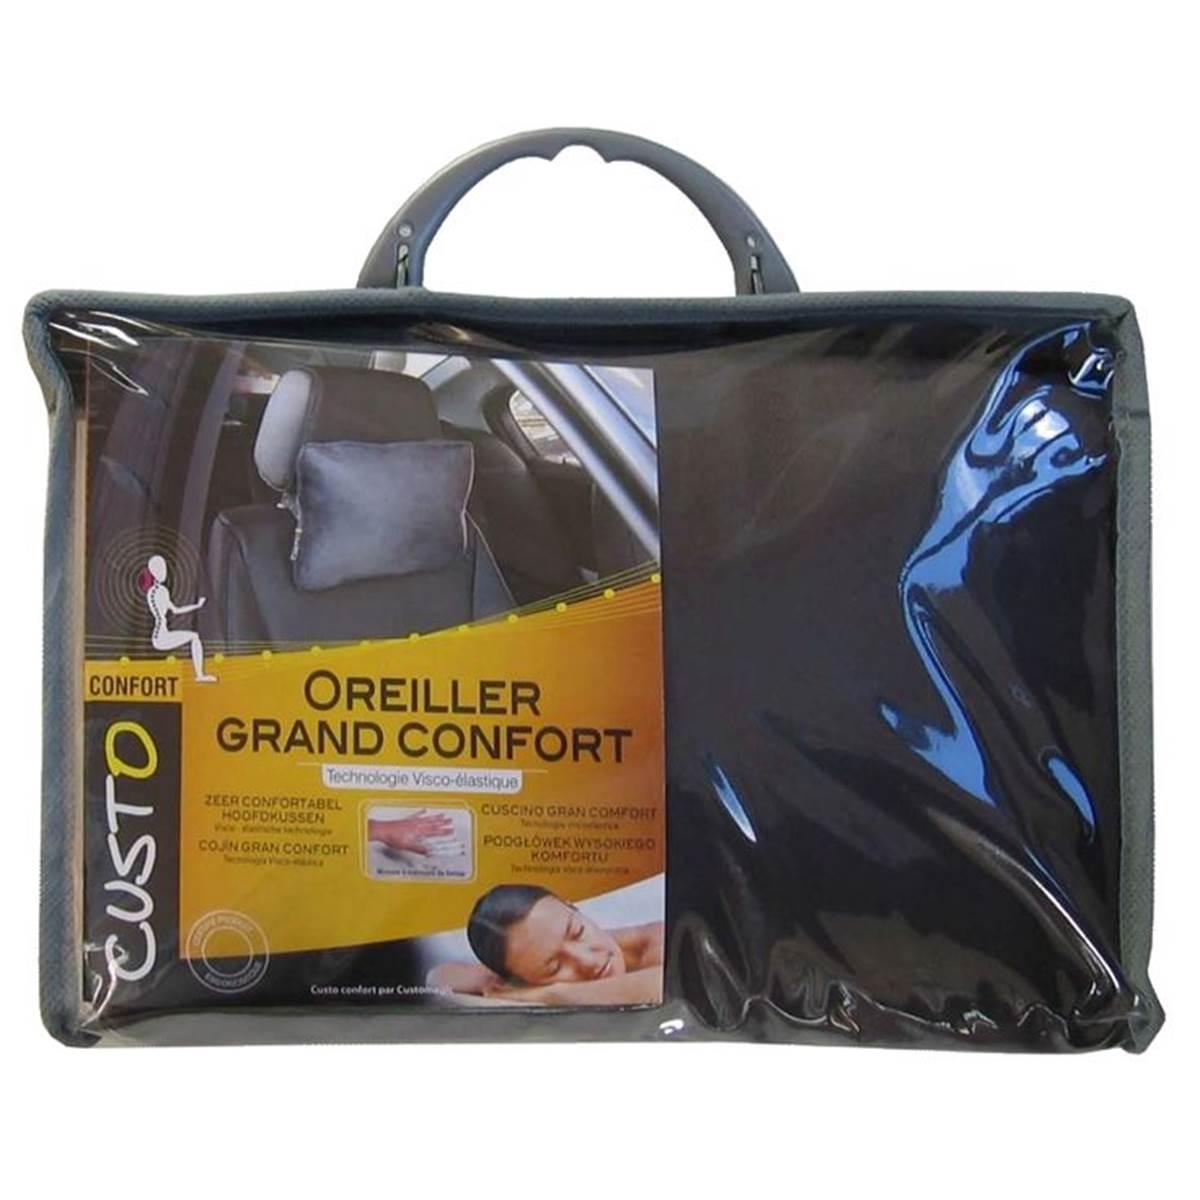 Equipement confort achat vente de equipement pas cher - Oreiller grand confort ...